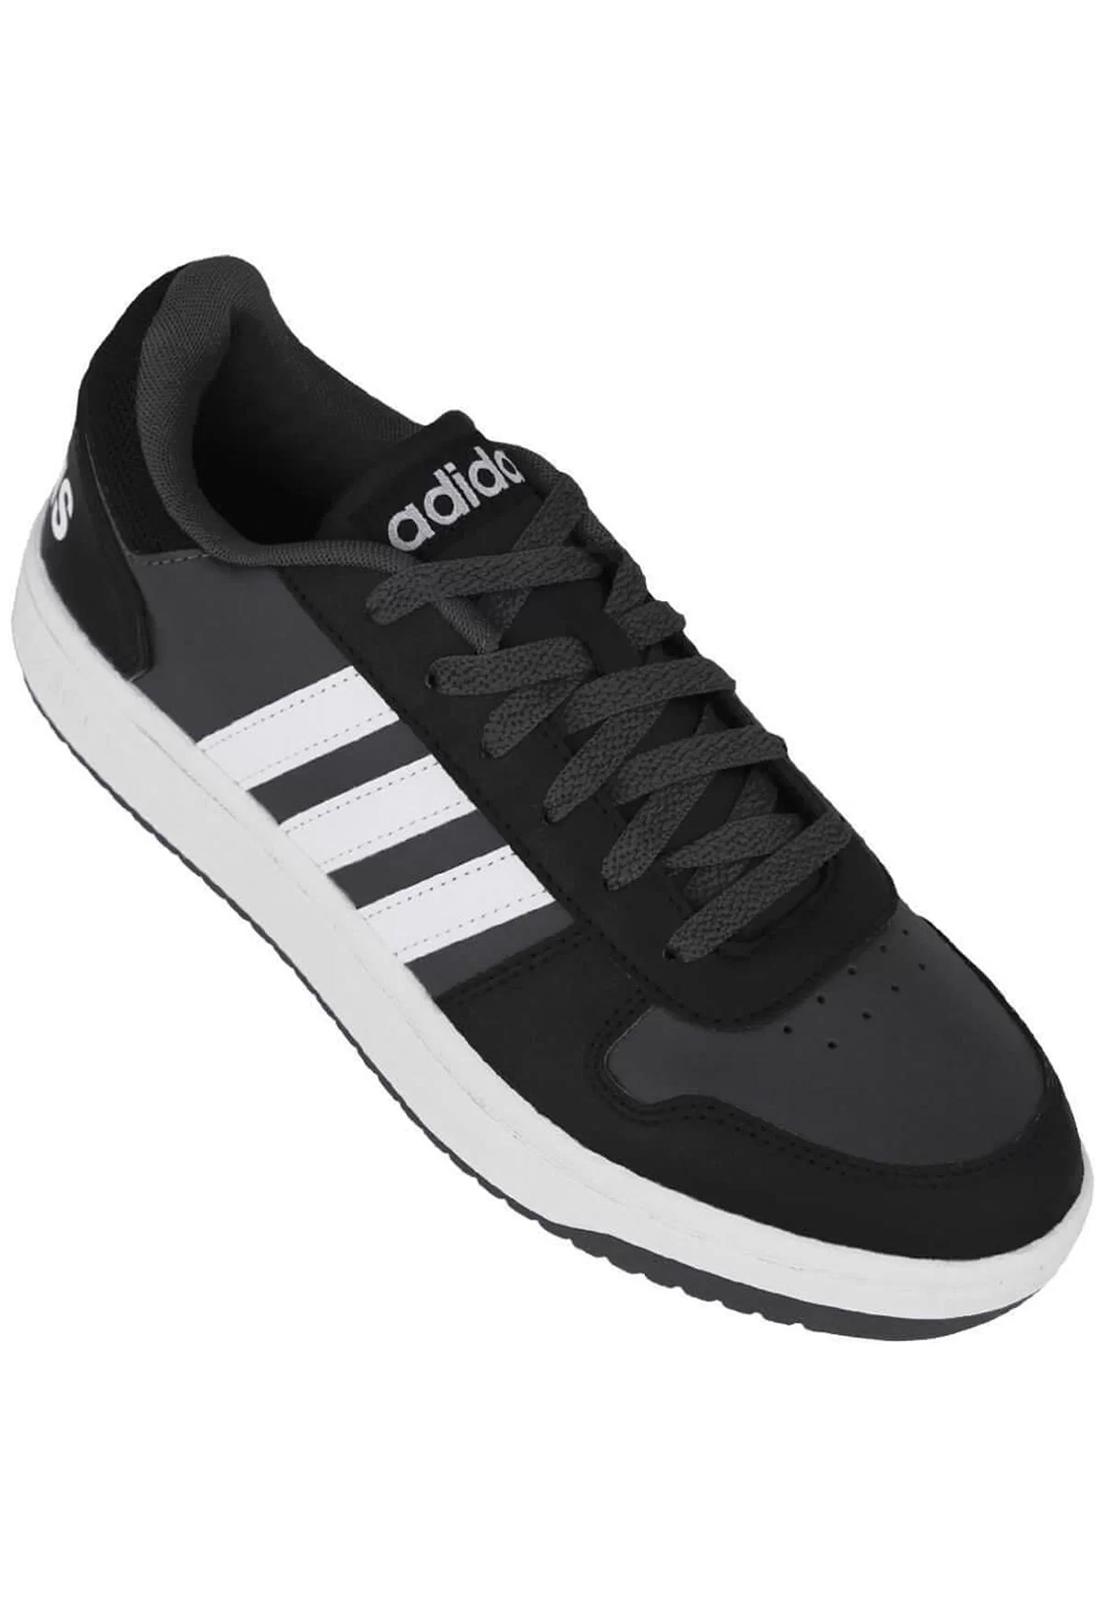 Tênis Adidas Hoops 2.0 Grafite e Preto